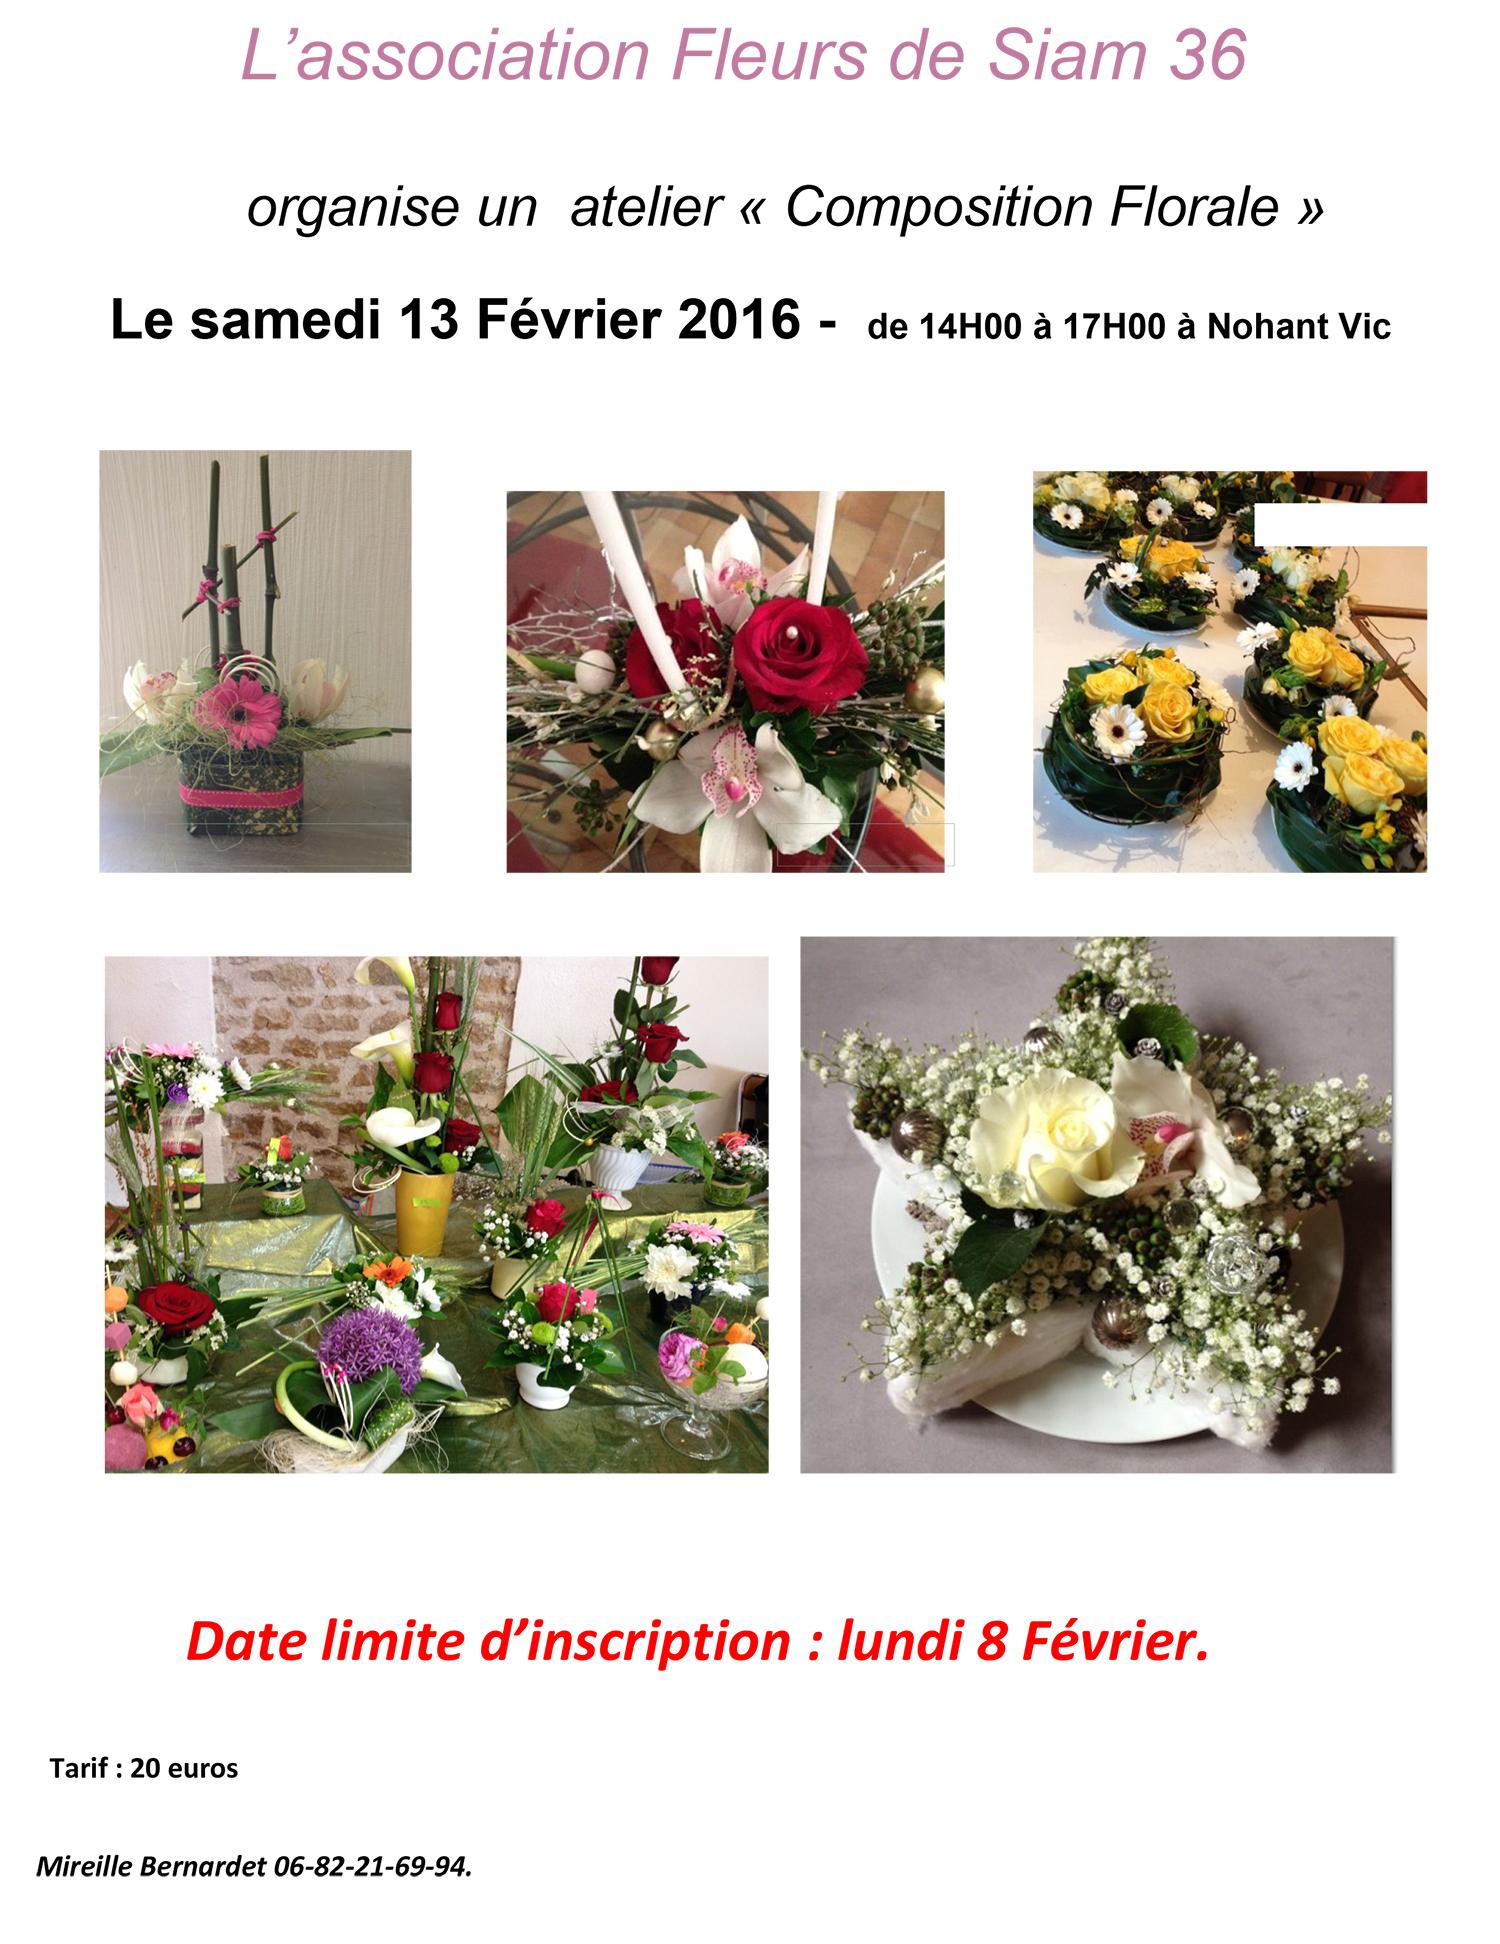 Fleurs de Siam 36 compostion florale13 Février